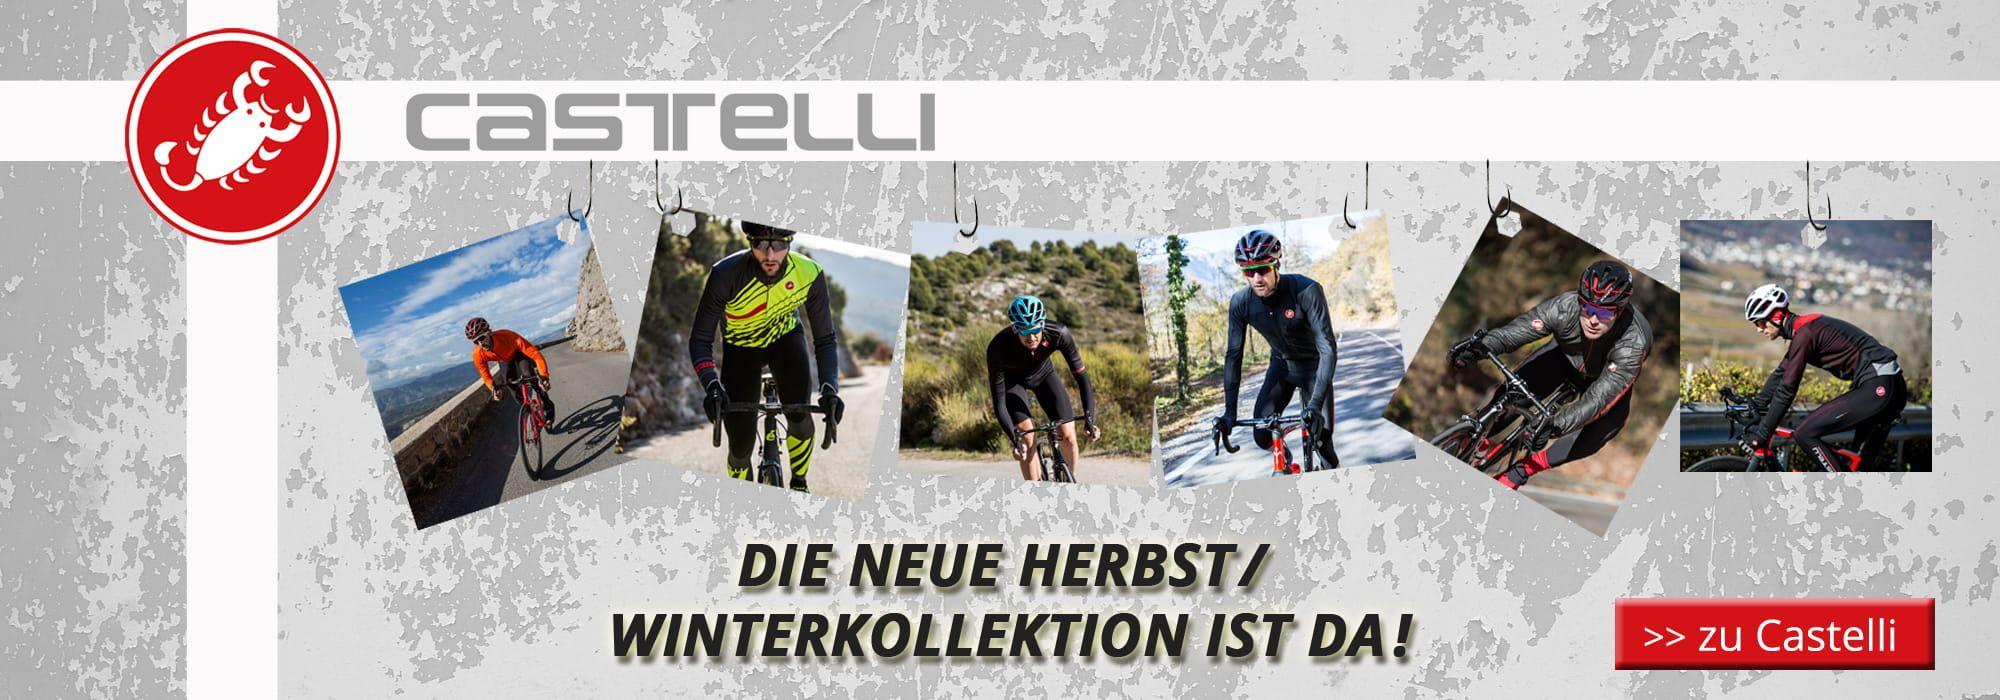 Herbst/ Winter 2018 Castelli - Die neue Herbst/Winter Kollektion ist da!